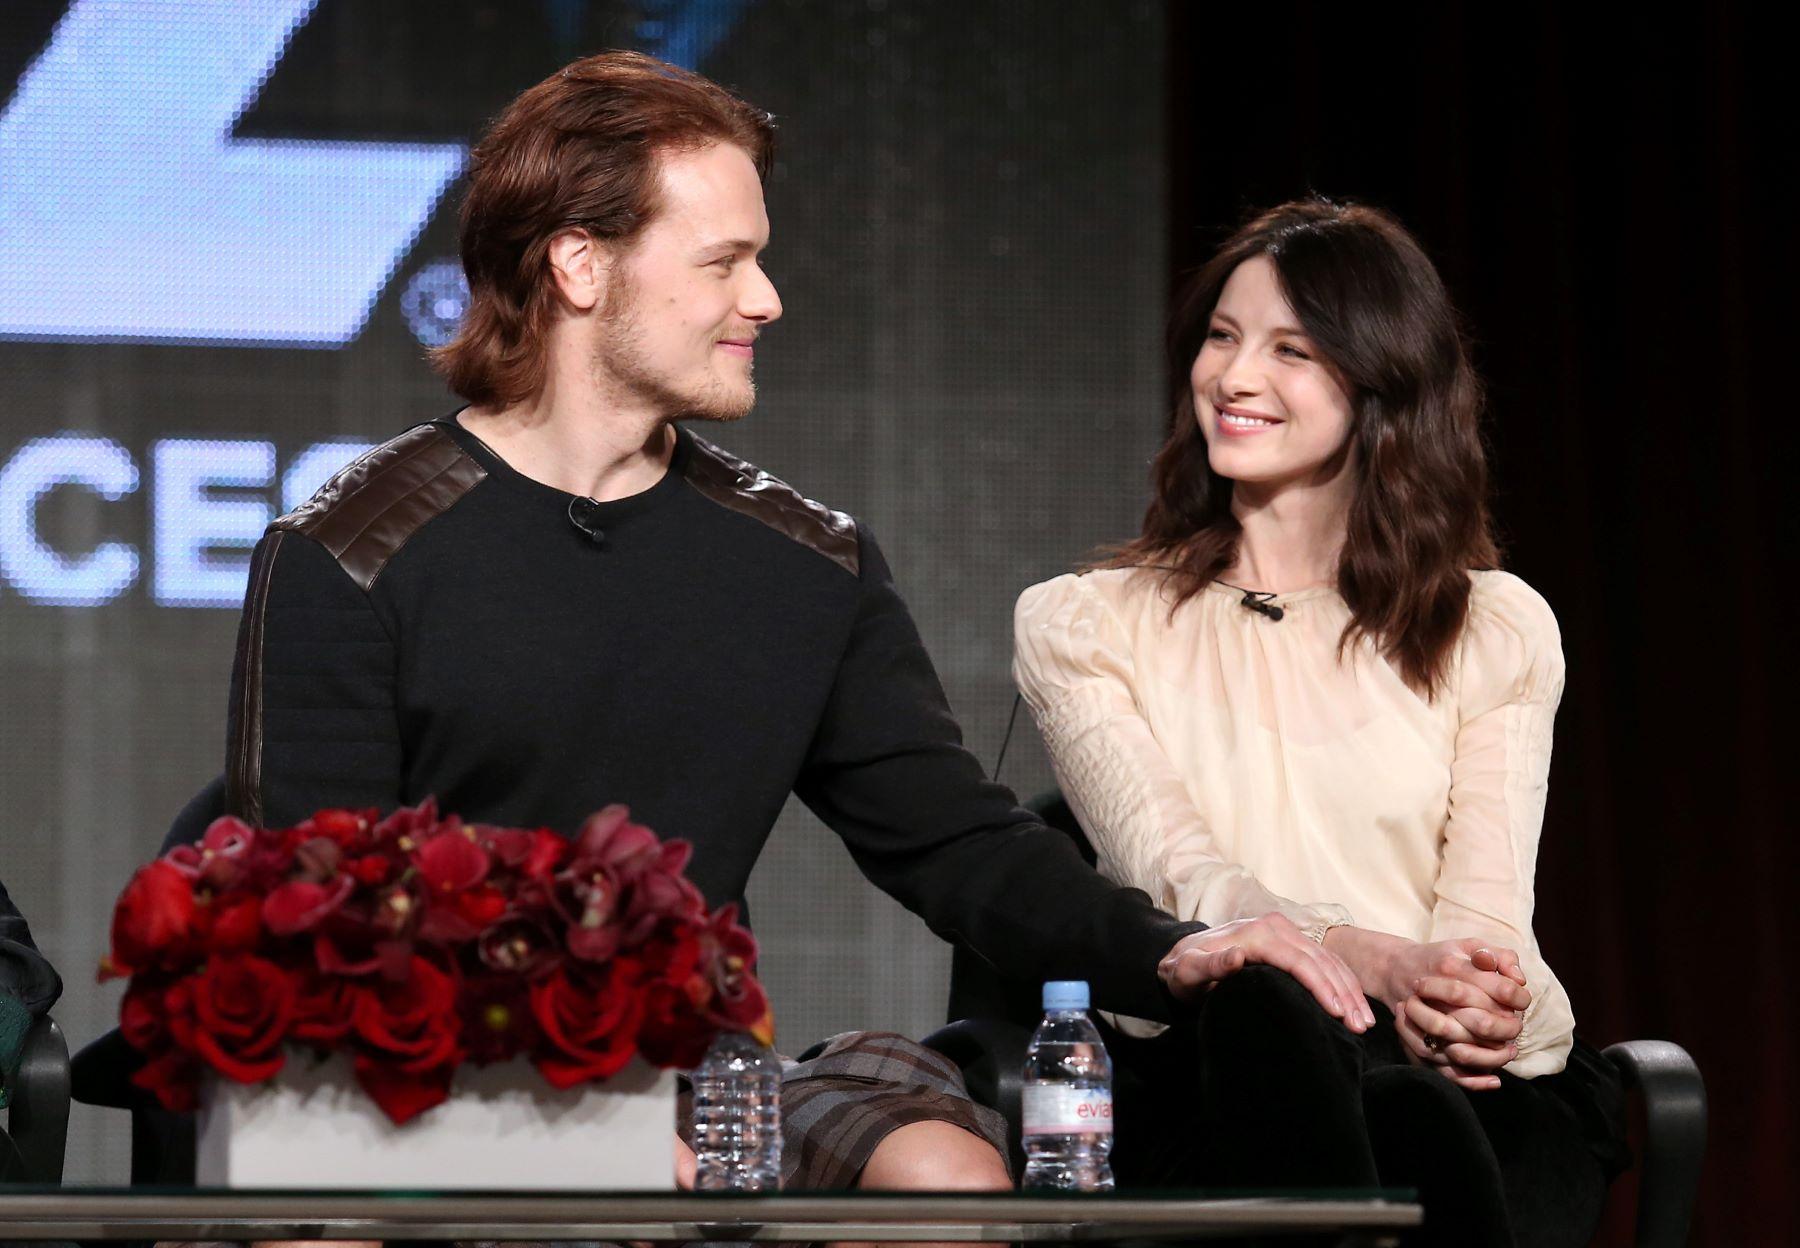 'Outlander' stars Sam Heughan and Caitriona Balfe